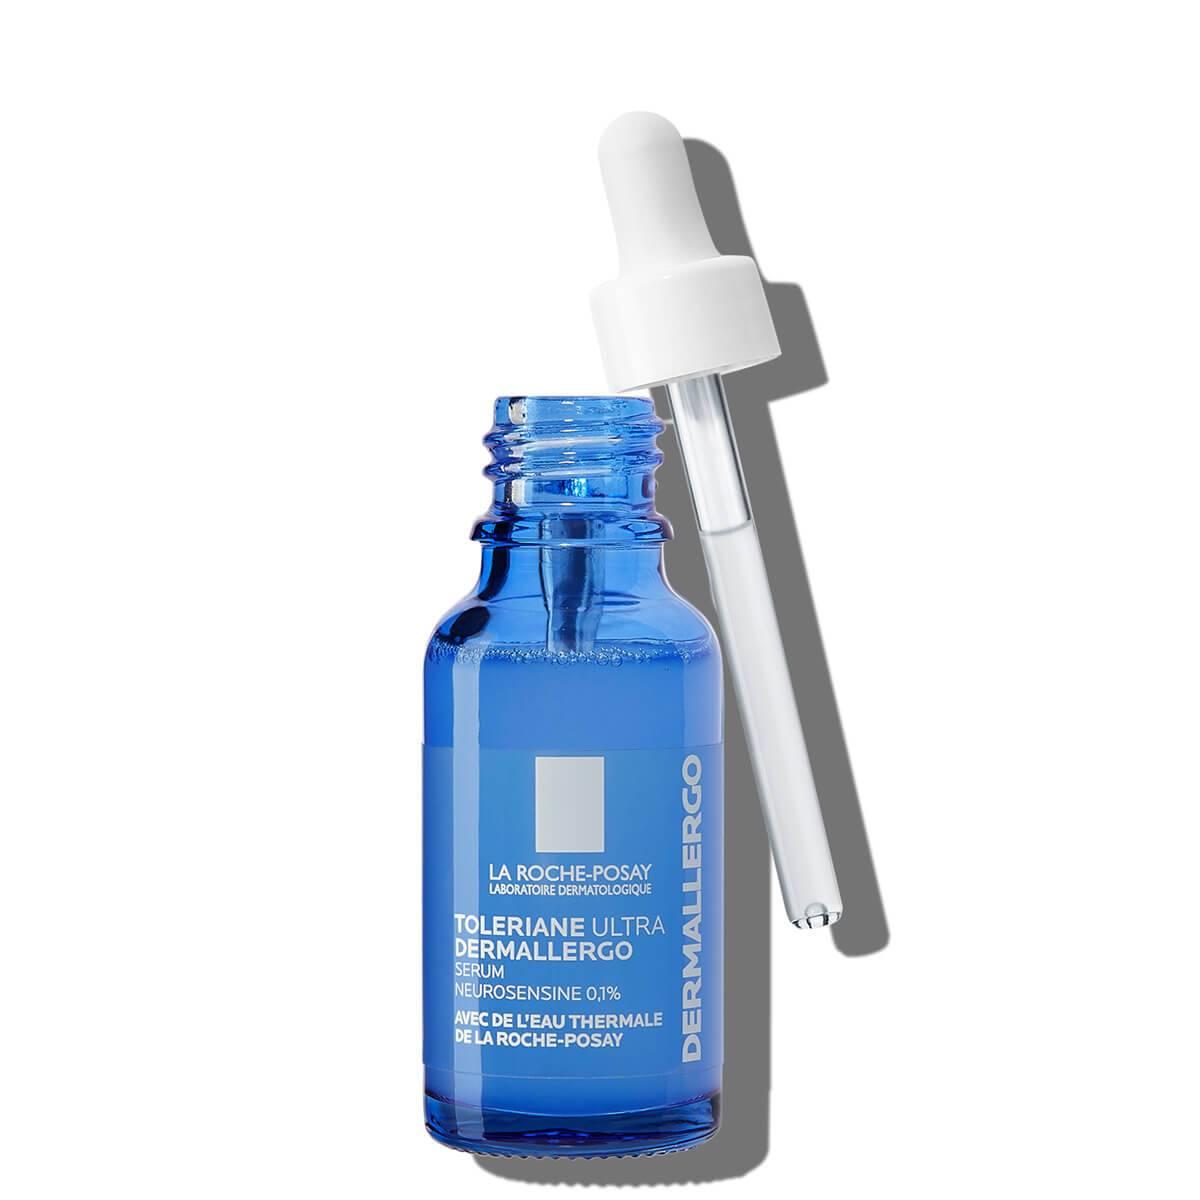 LaRochePosay-Produkt-Tendens til allergi-Toleriane-UltraDermallergo-20ml-3337875693820-ÅpenSS-1